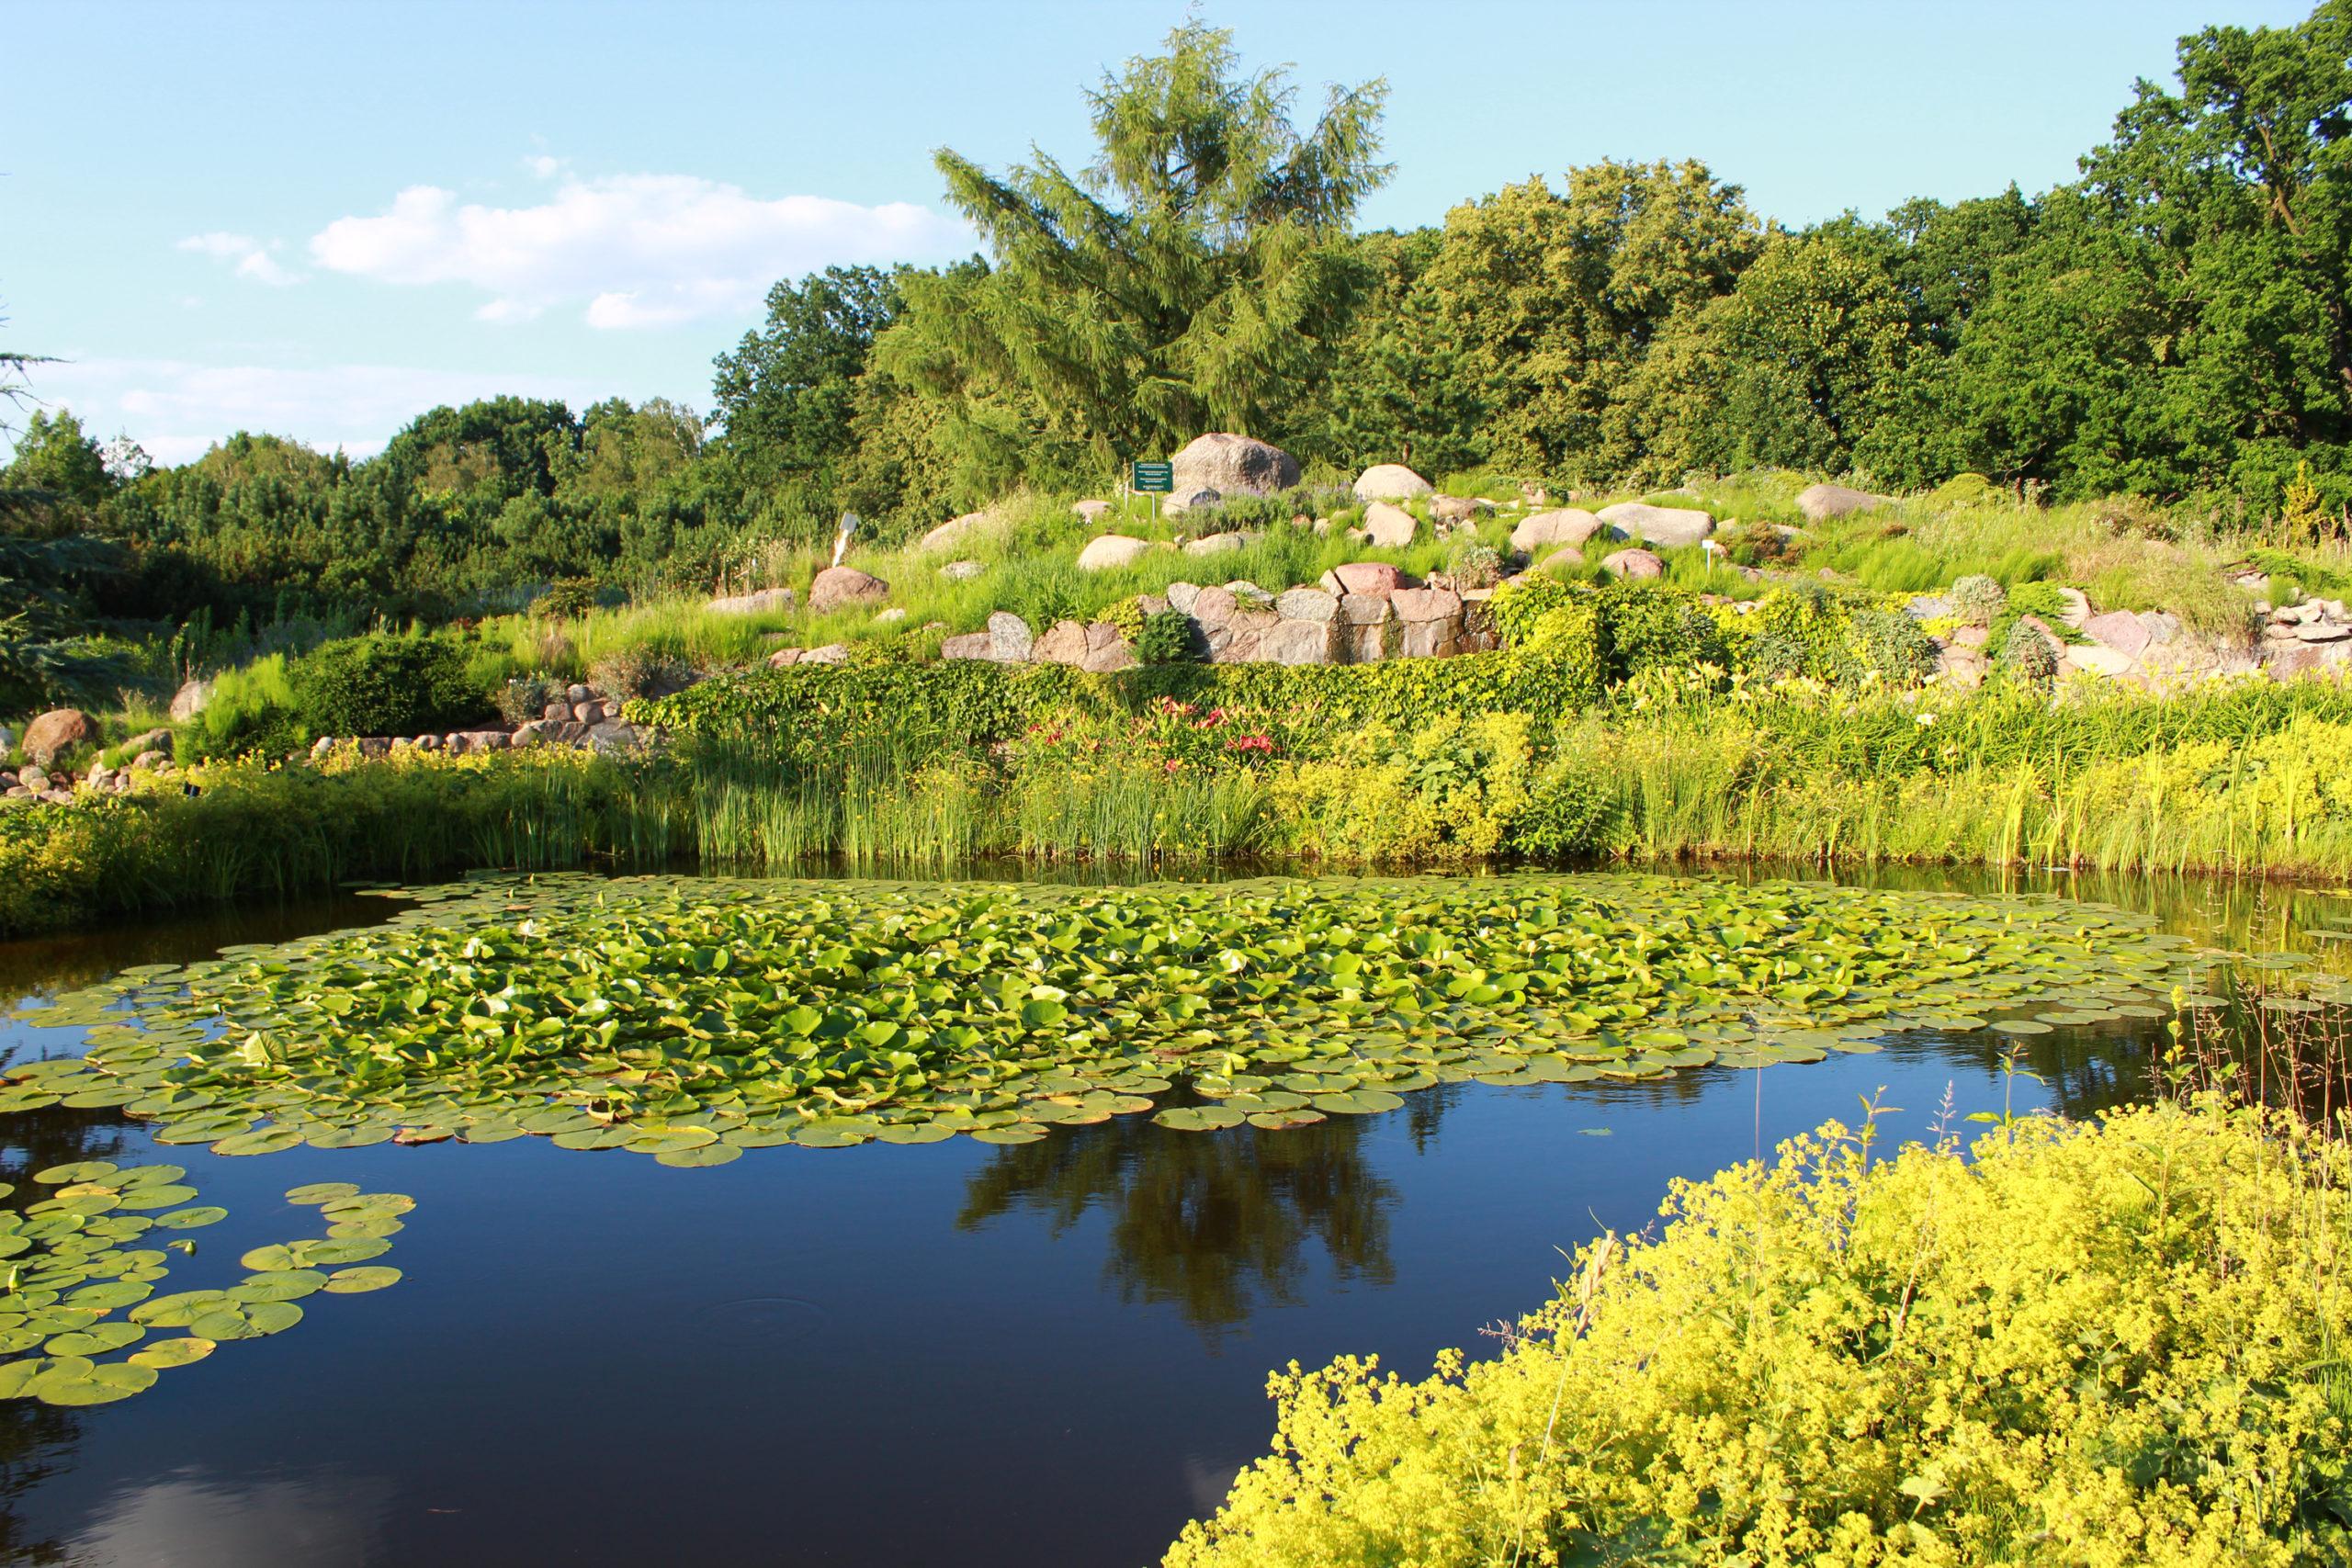 Lilie wodne w zbiorniku wodnym